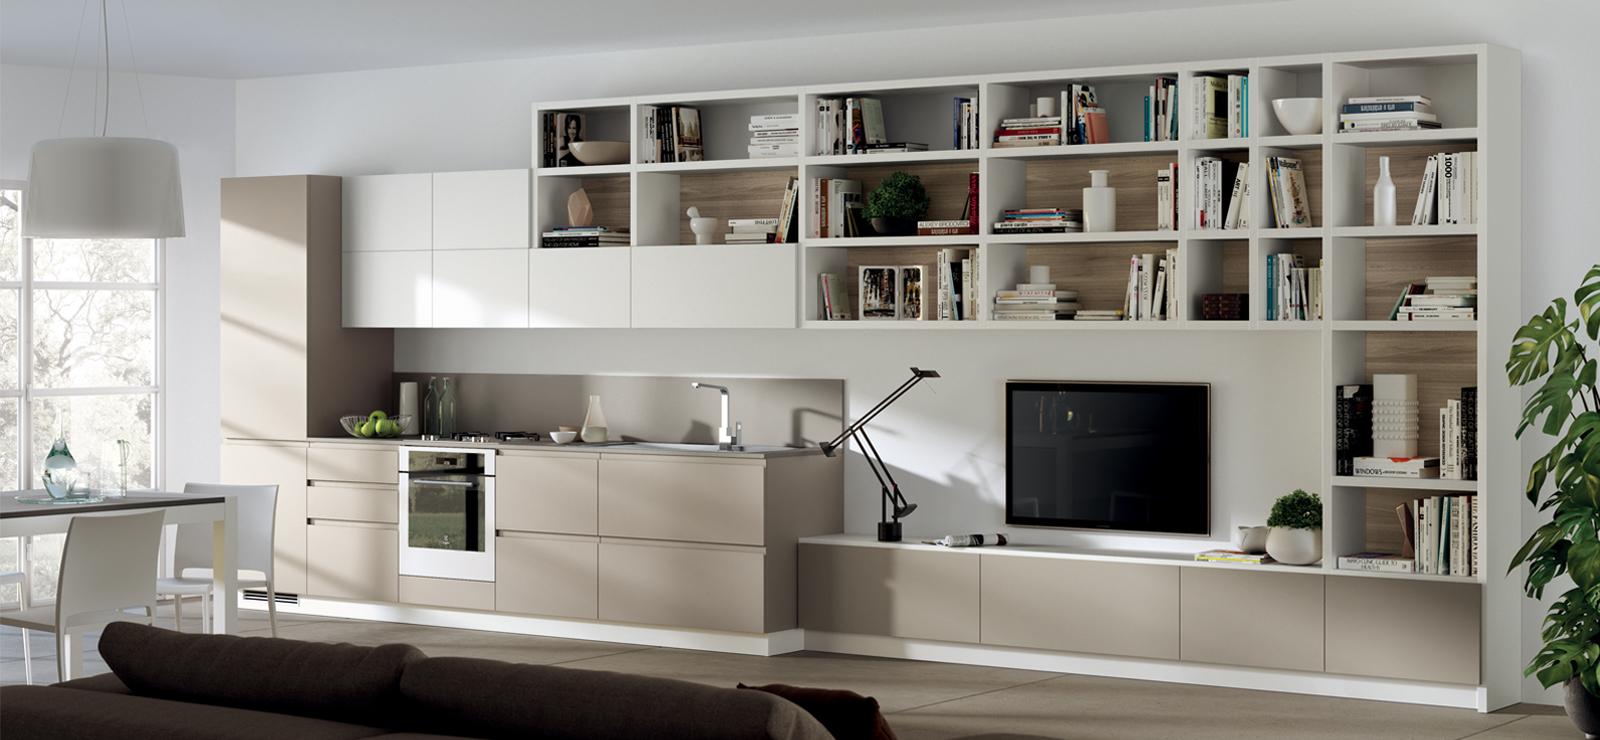 Mobili per soggiorno e salotto a maranello e sassuolo fiorano arredamenti manfredini mauro - Mobili soggiorno scavolini ...